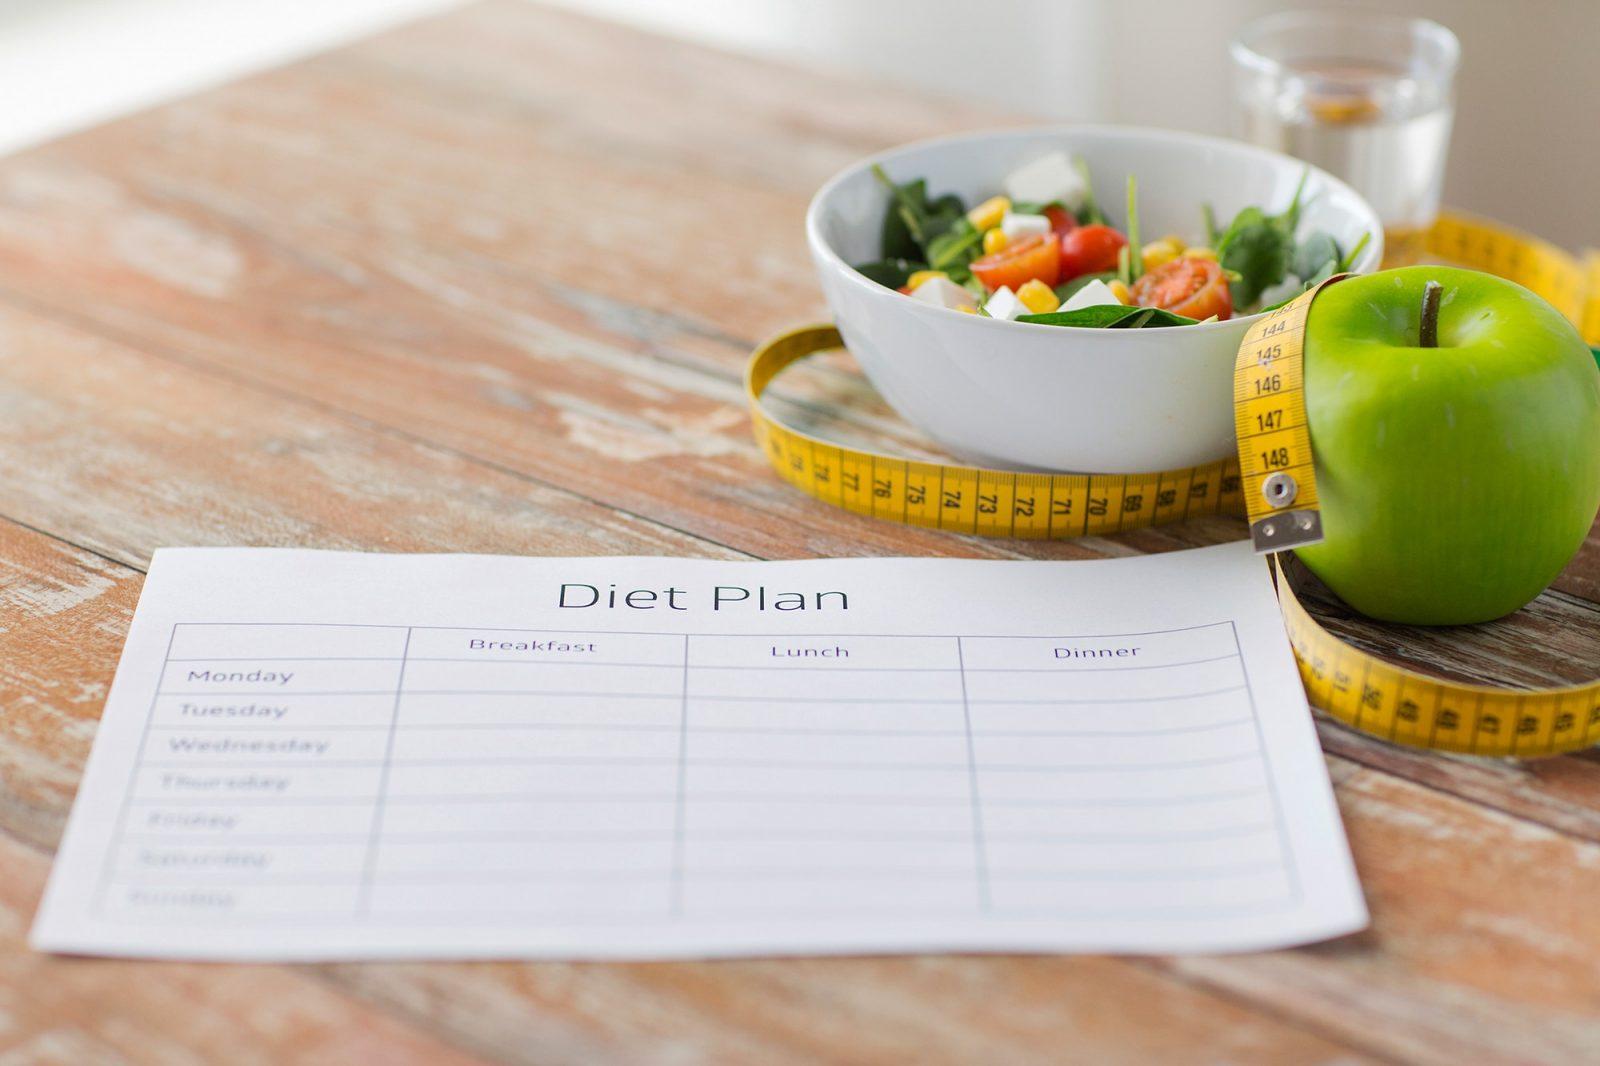 Дневник питания, сантиметровая лента, карандаш, овощной салат